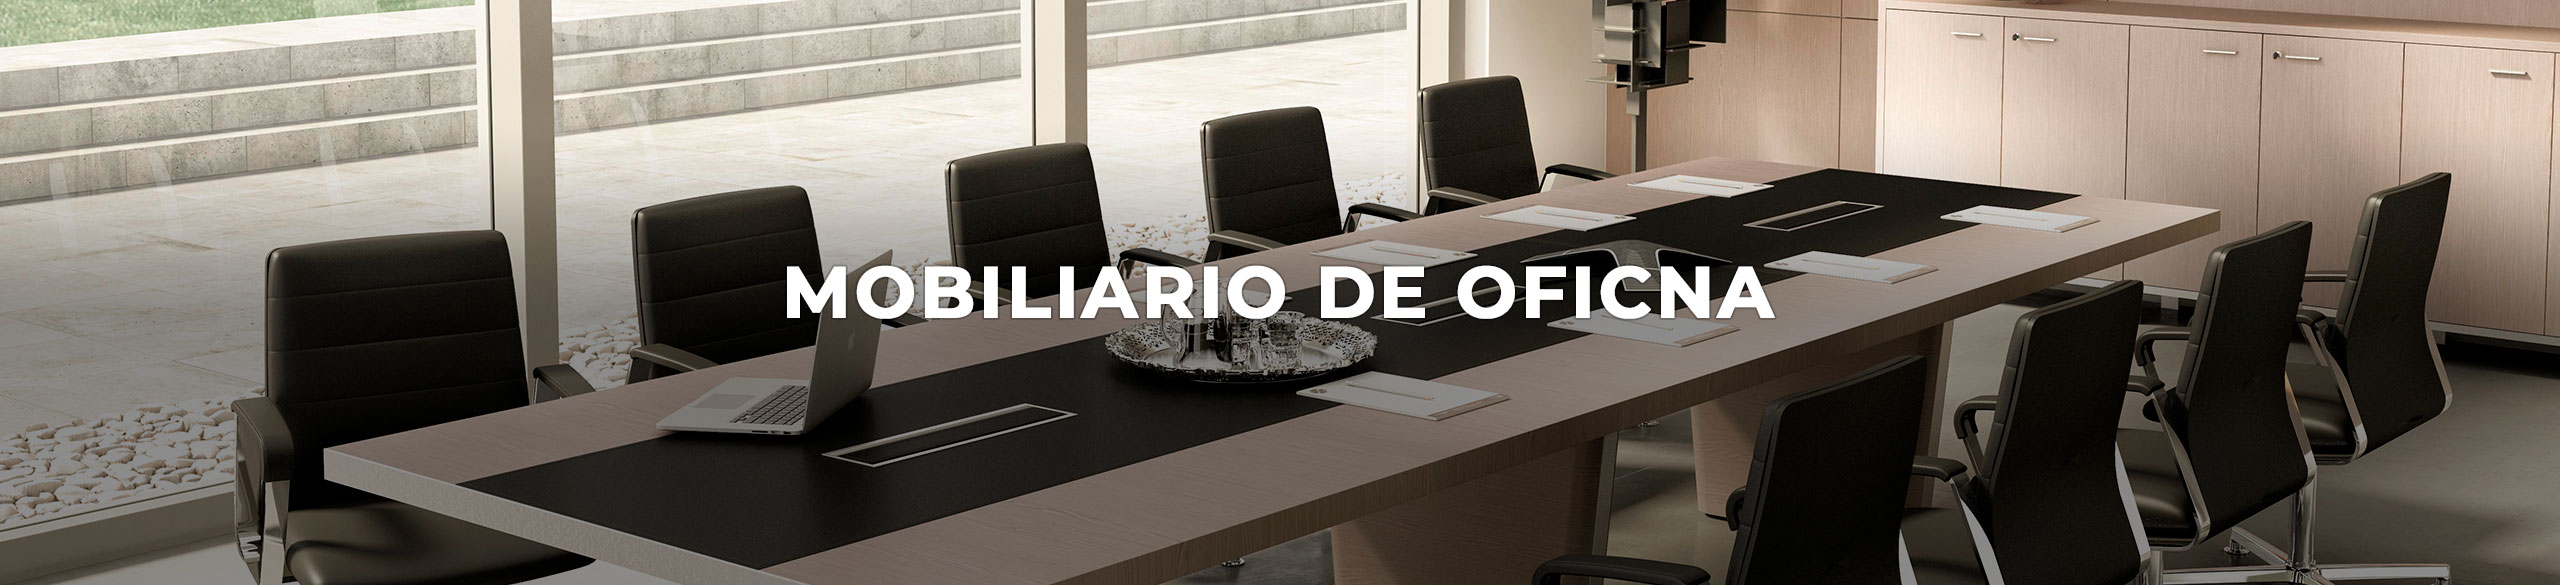 mobiliario de oficina elche